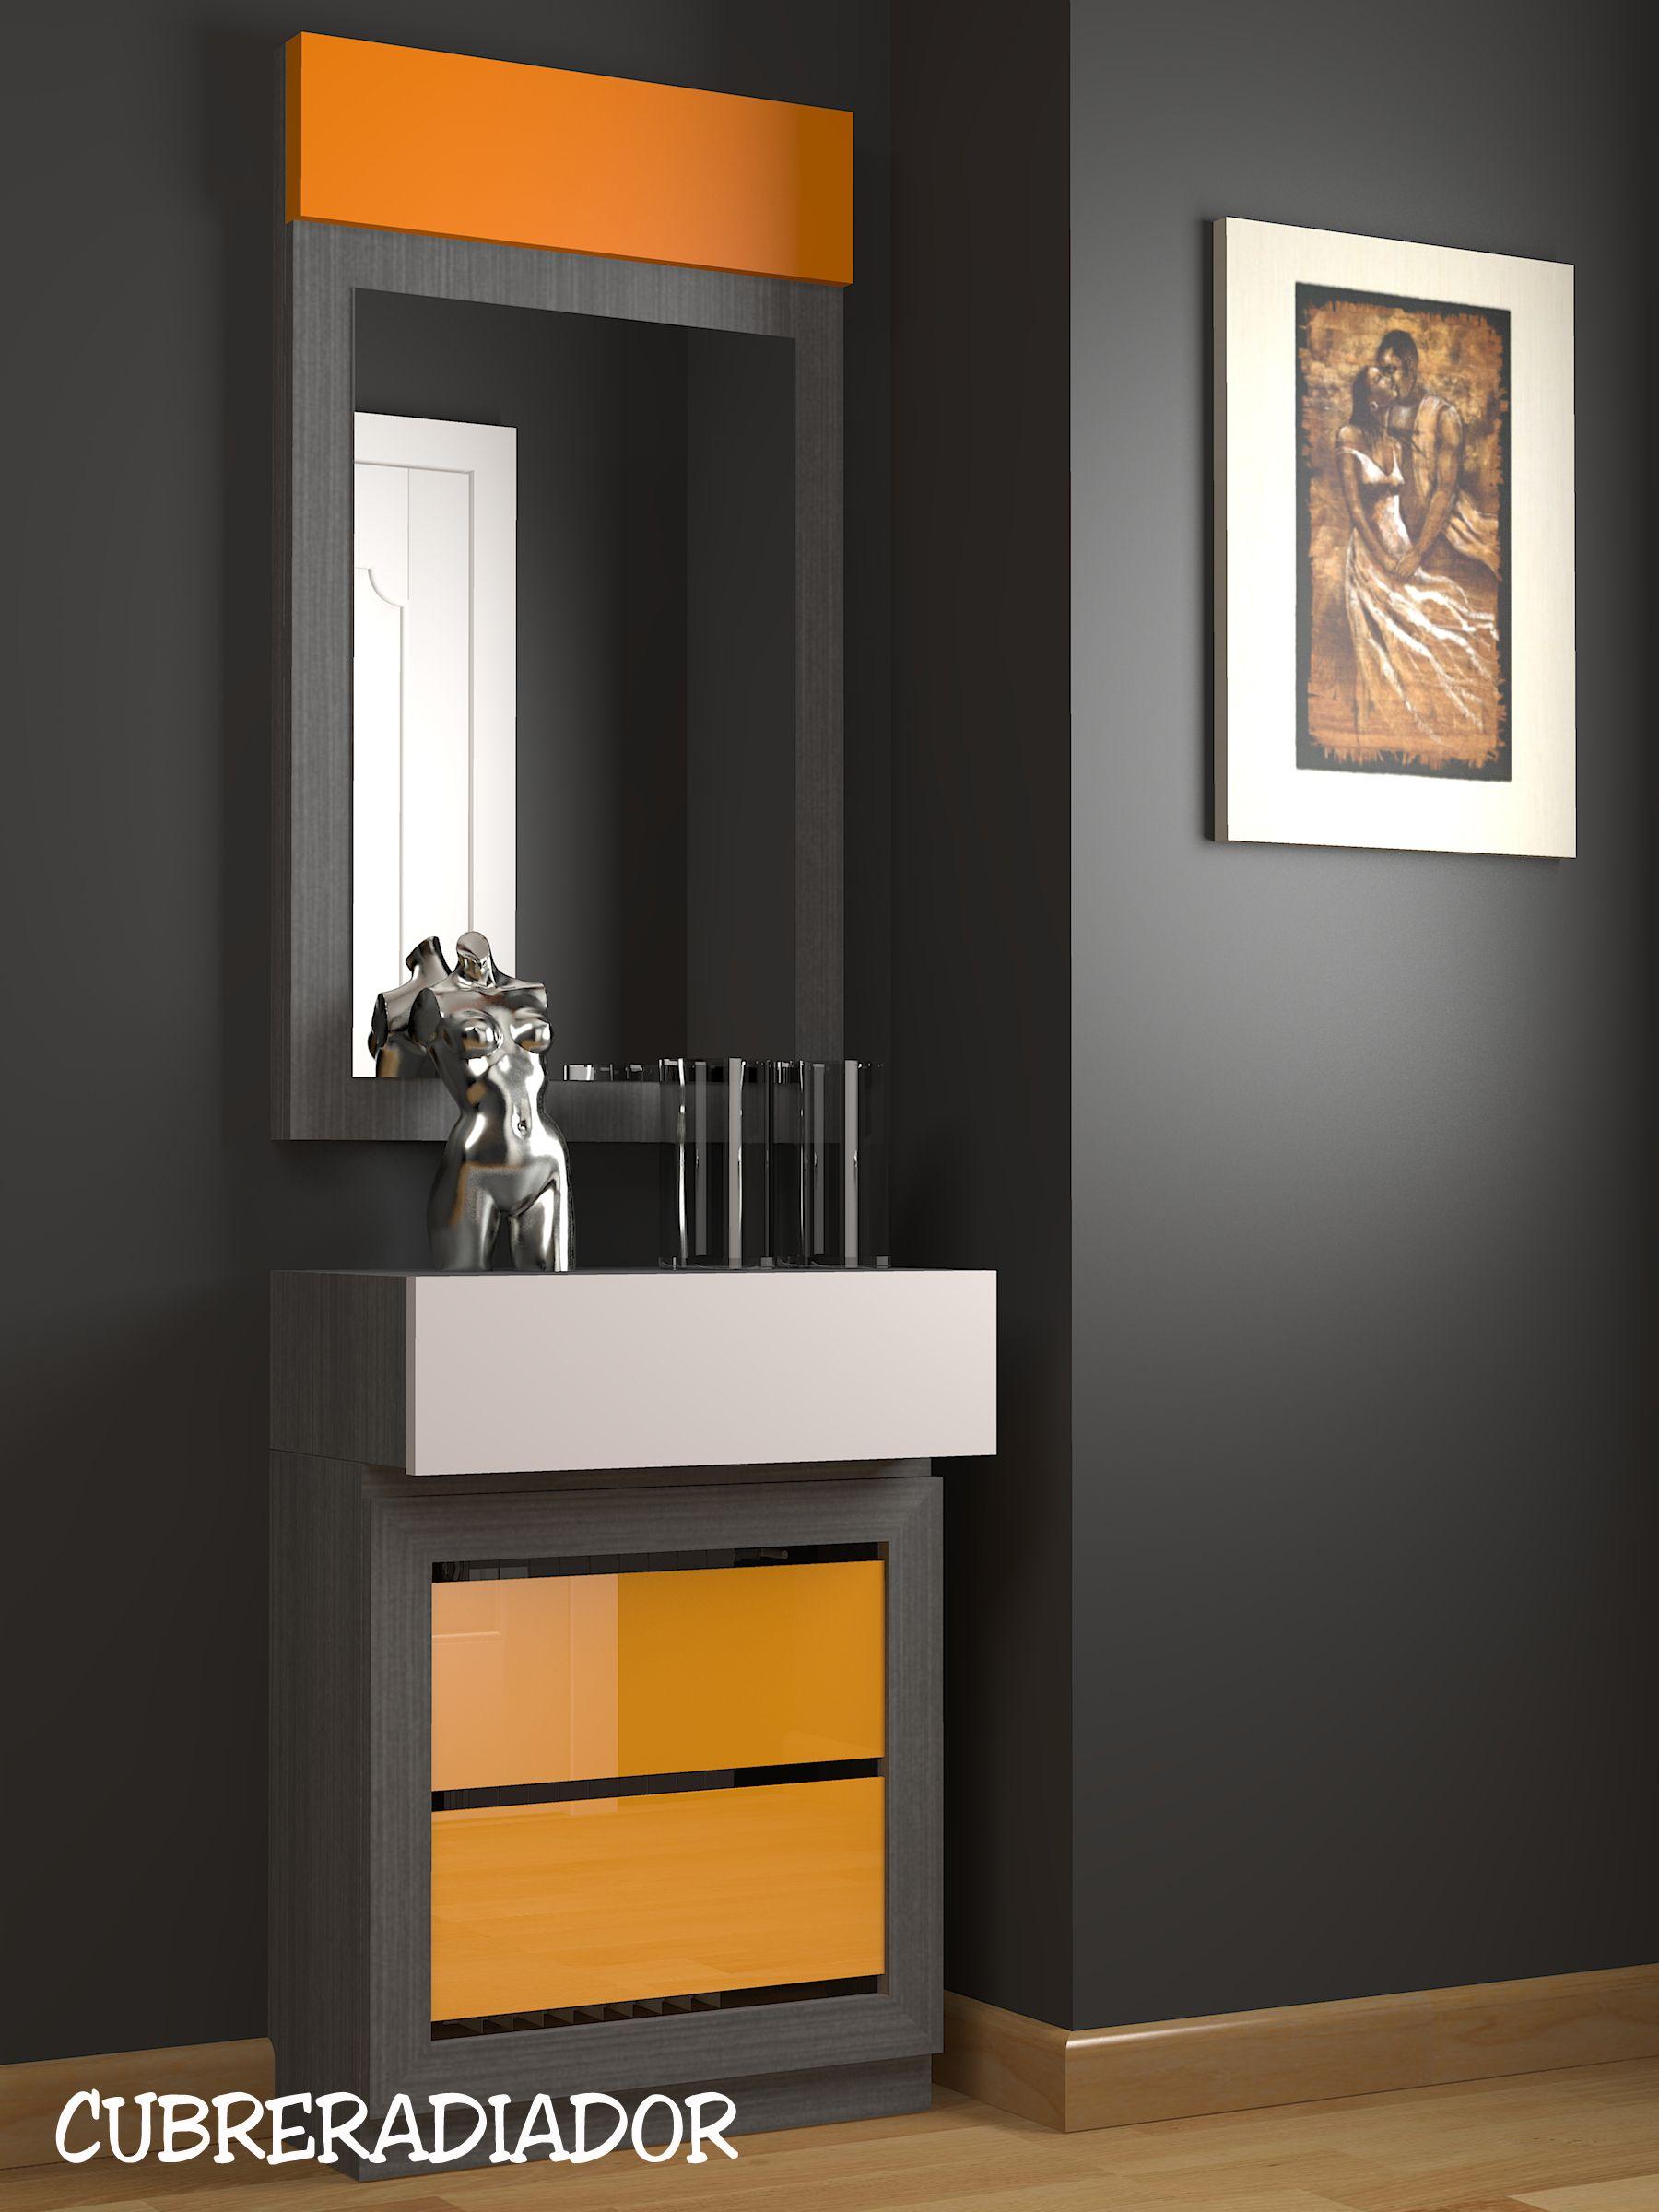 Muebles recibidores muebles recibidores mueble for Recibidores muebles